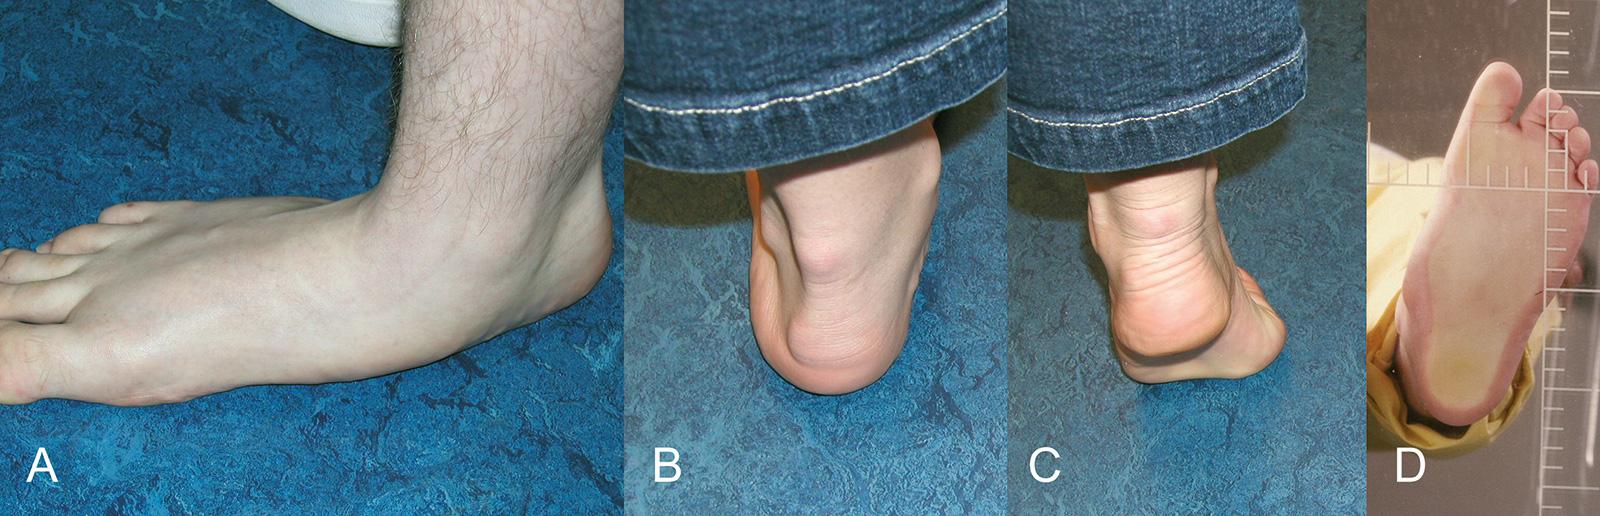 Abb. 4-57: Knicksenkfuß, Verlust des Fußlängsgewölbes (A) und Rückfußvalgus (B), Korrektur des Fuß- längsgewölbes im Zehenspitzenstand (C), Fußabdruck (D)